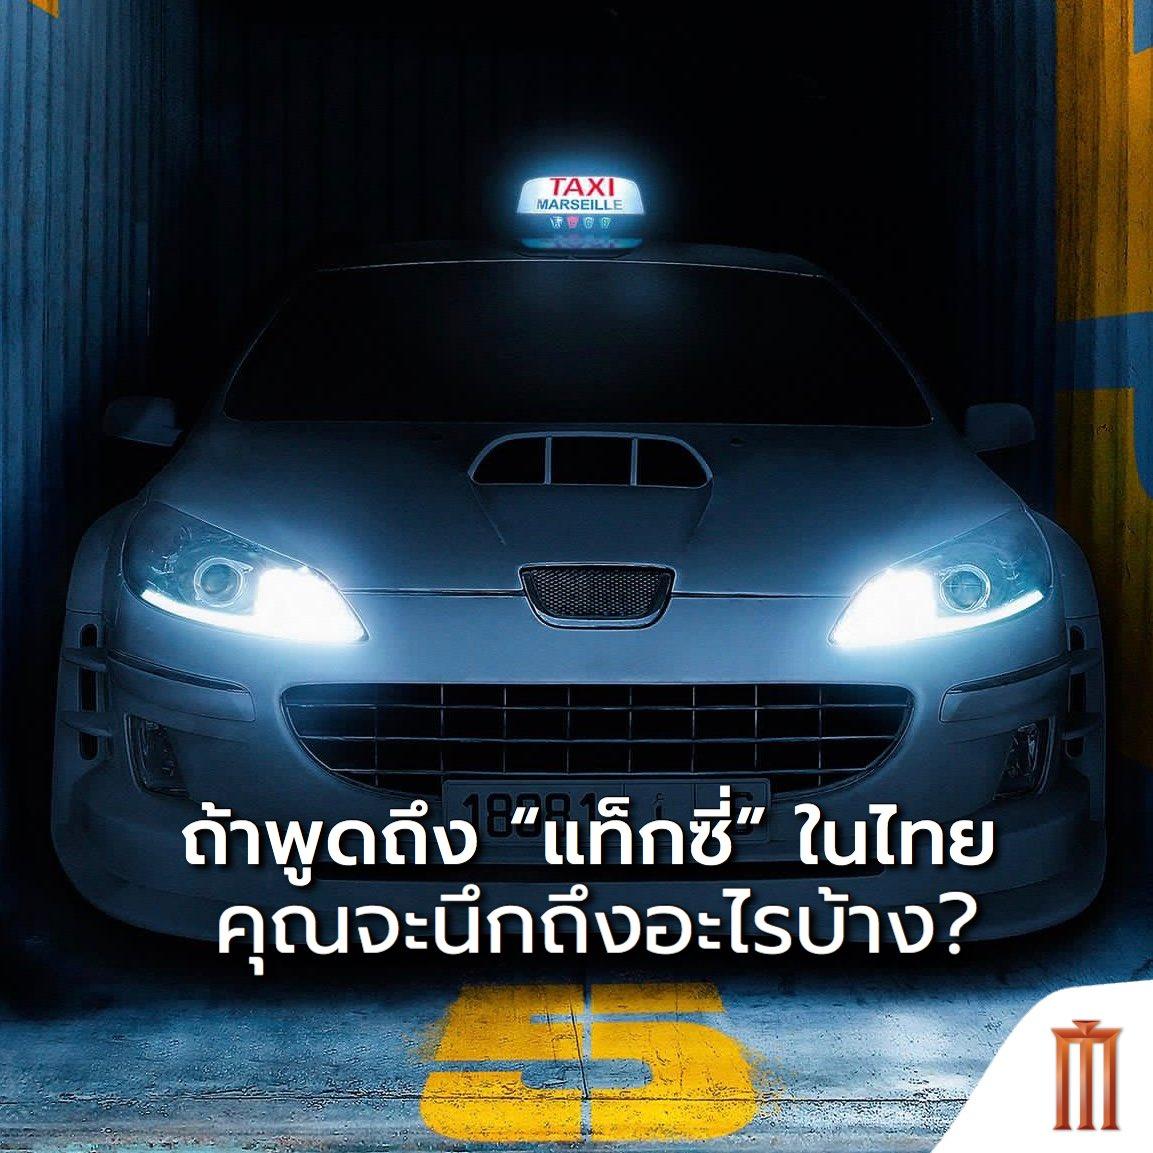 """ถ้าเจอคนขับหวังดีก็โชคดีปลอดภัยกันไป  มาลองบรรยายความรู้สึกต่อ """"แท็กซี่"""" ในไทย #Taxi5 """"โคตรแท็กซี่ขับระเบิด"""" การกลับมาครั้งที่ 5  ของหนังแอคชั่นฝรั่งเศสระดับตำนาน! โดย ลุค เบสซง 19 เมษายนนี้ ในโรงภาพยนตร์"""